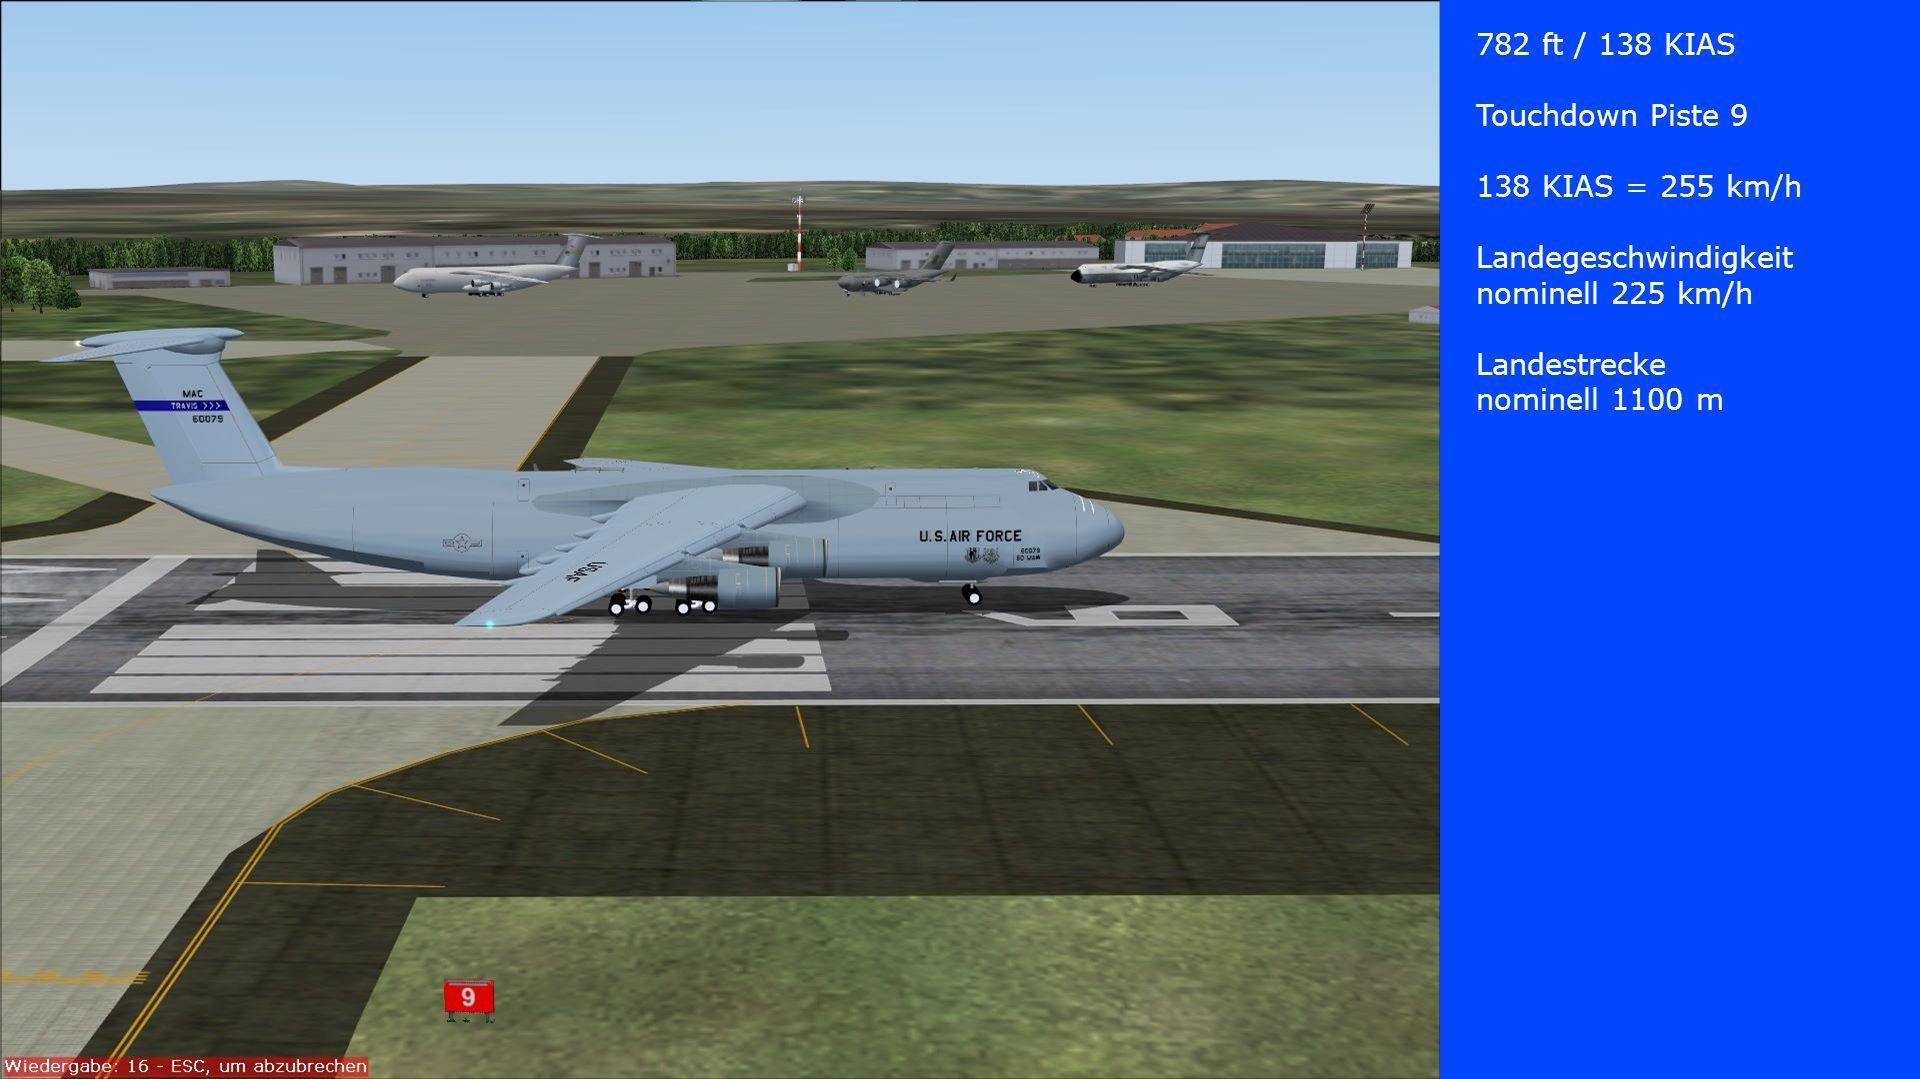 782 ft / 138 KIAS Touchdown Piste 9 138 KIAS = 255 km/h Landegeschwindigkeit nominell 225 km/h Landestrecke nominell 1100 m